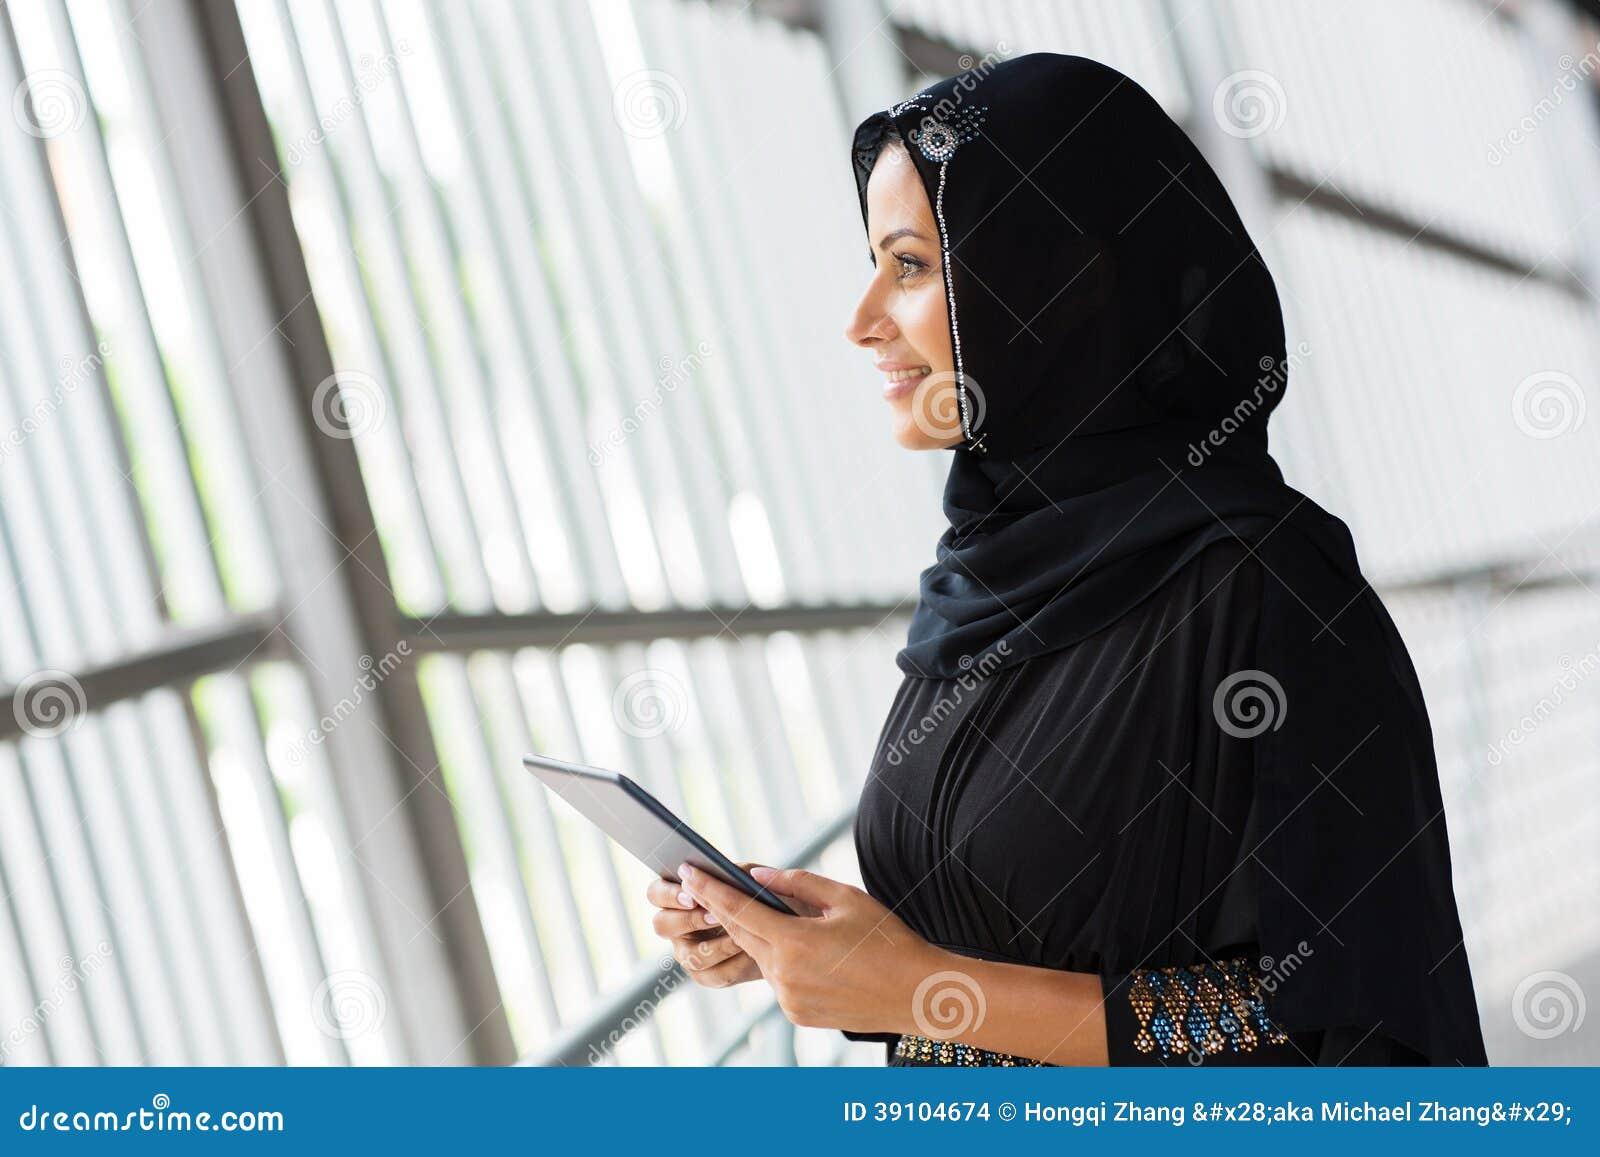 De moslimcomputer van de vrouwentablet